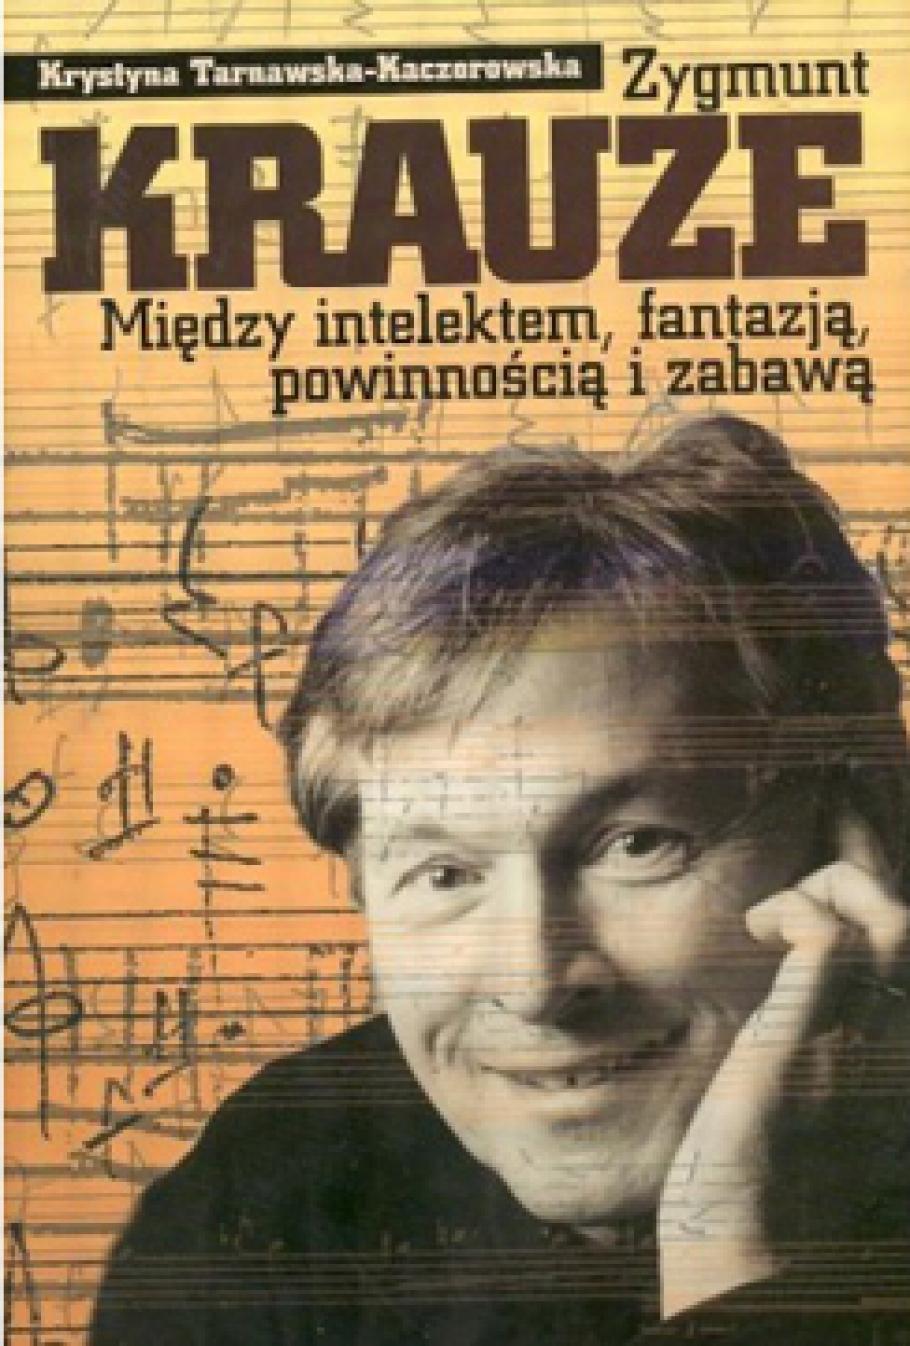 Zygmunt Krauze - miedzy intelektem, fantazja, powinnoscia i zabawa Krystyna Tarnawska-Kaczorowska, PWN, Warszawa 2001